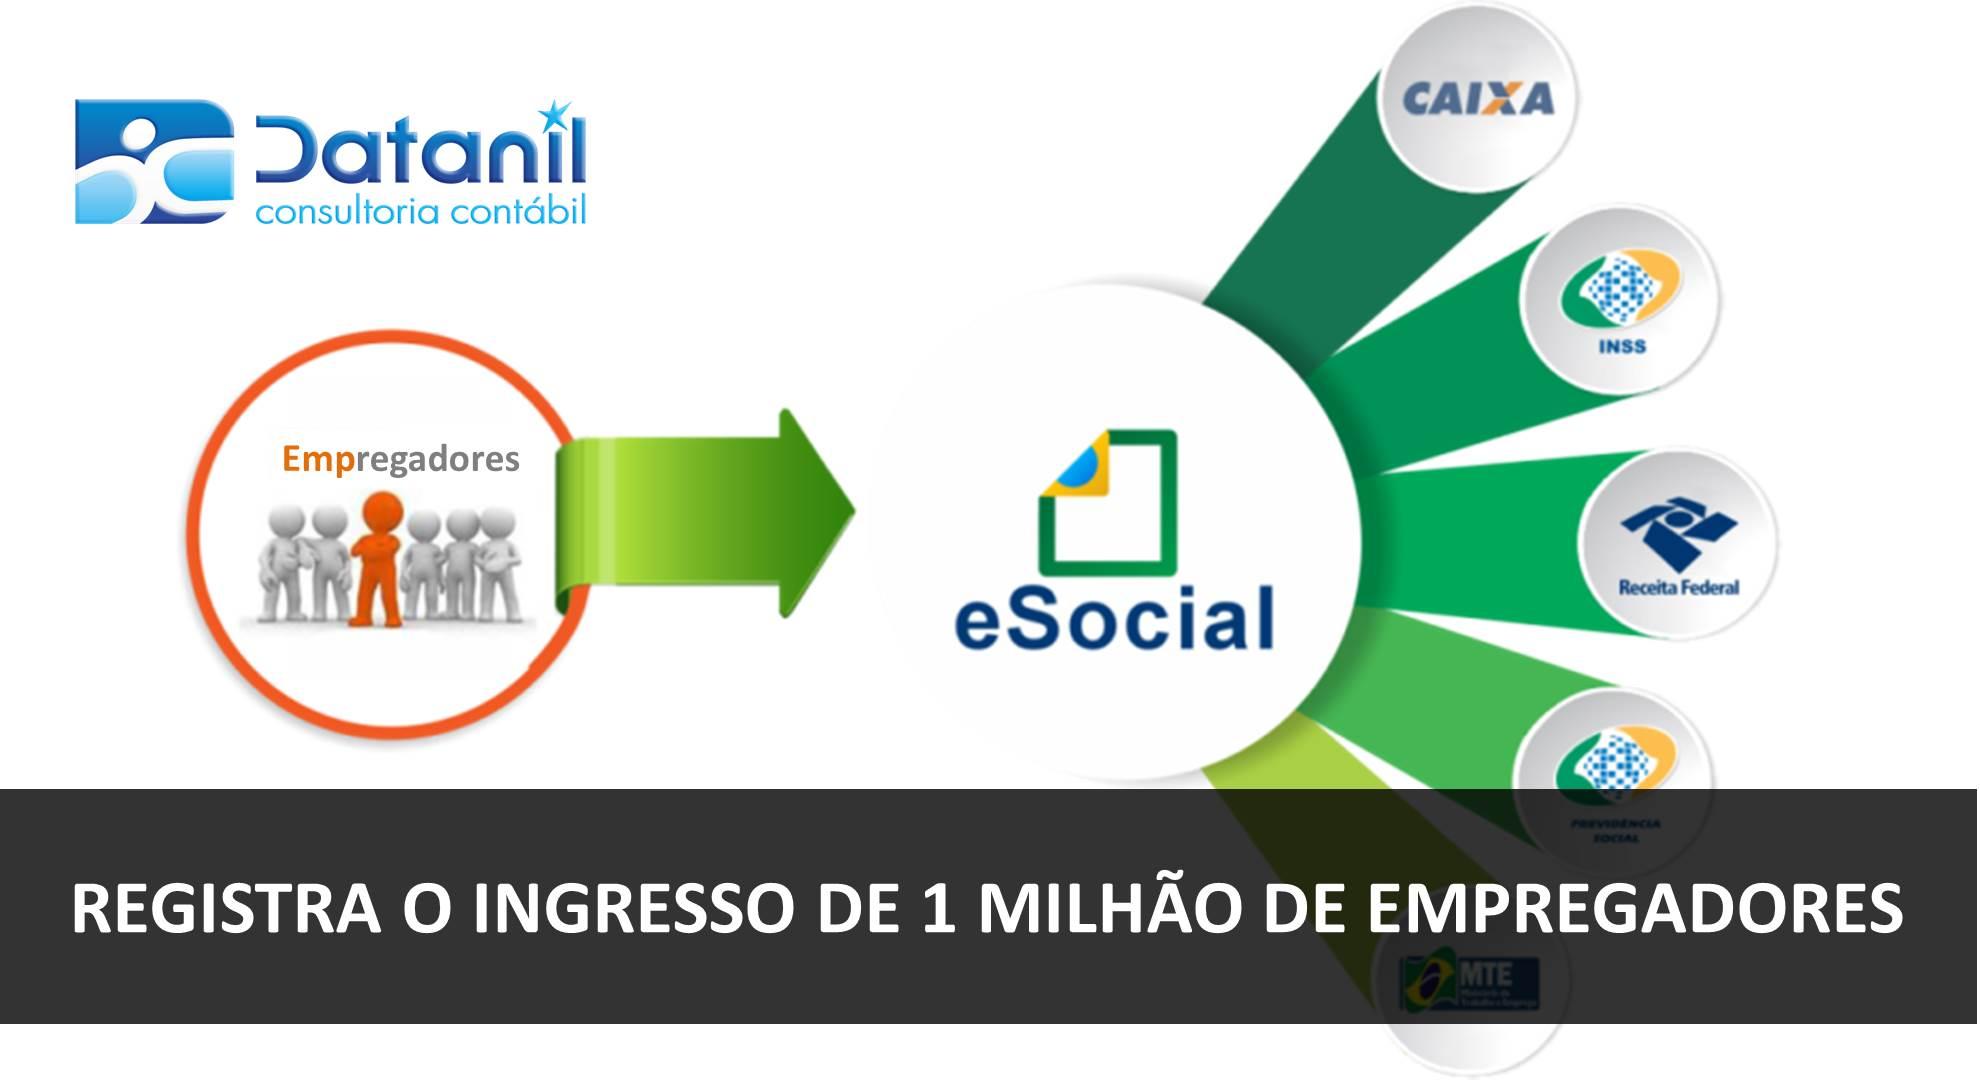 ESocial Registra O Ingresso De 1 Milhão De Empregadores